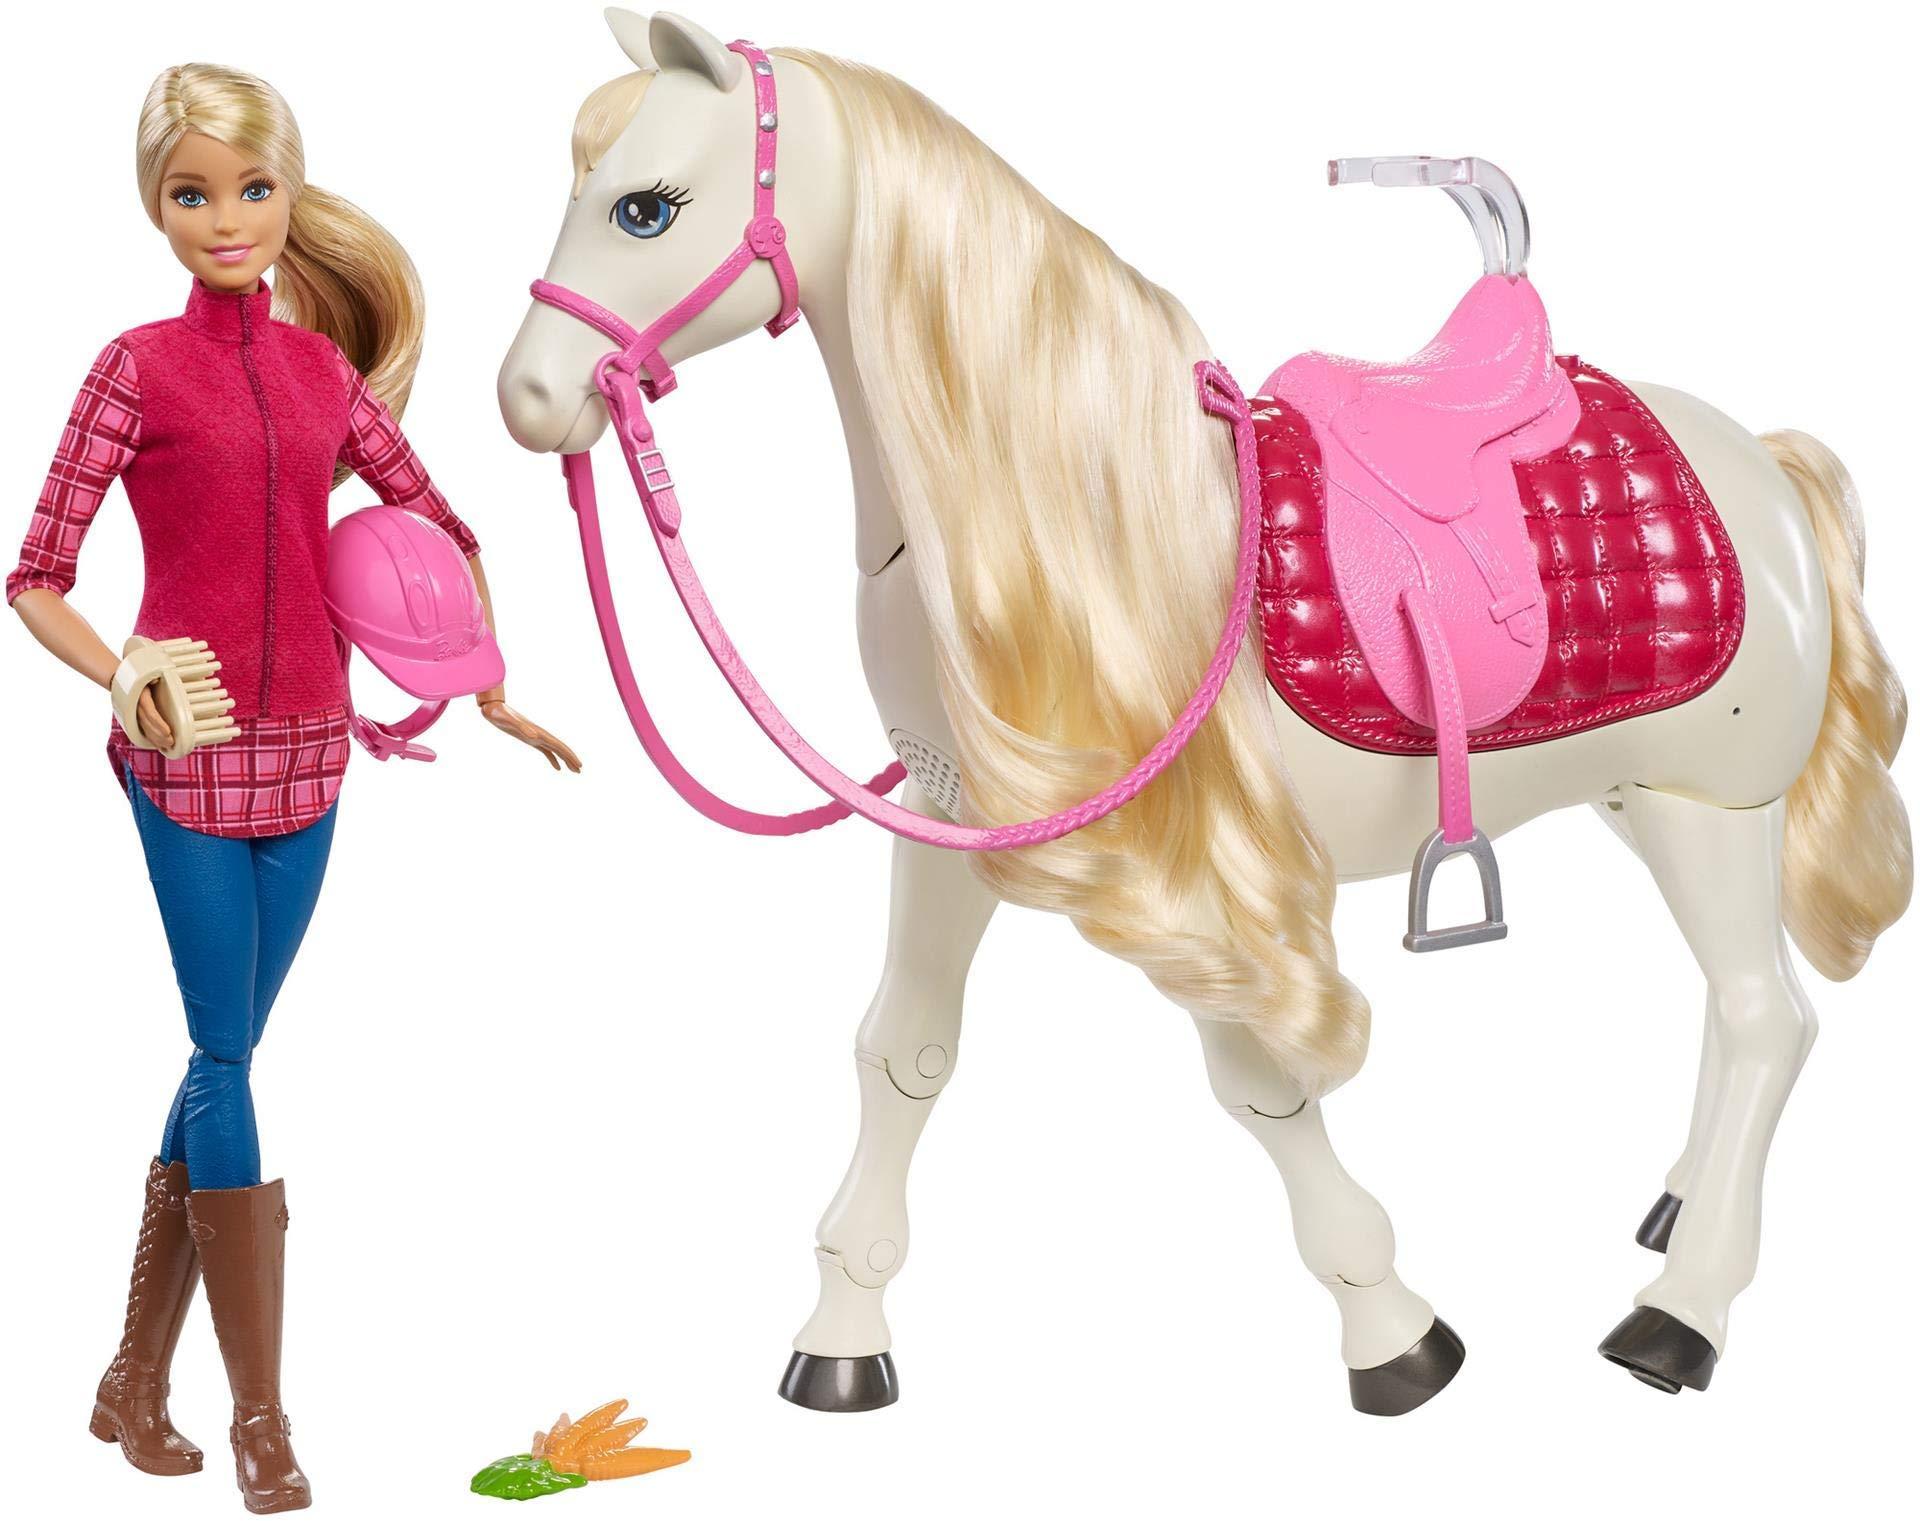 Barbie FTF02 - Traumpferd und Puppe, laufendes und tanzendes Pferd mit Berührungs- und Geräuschsensoren, Mädchen…